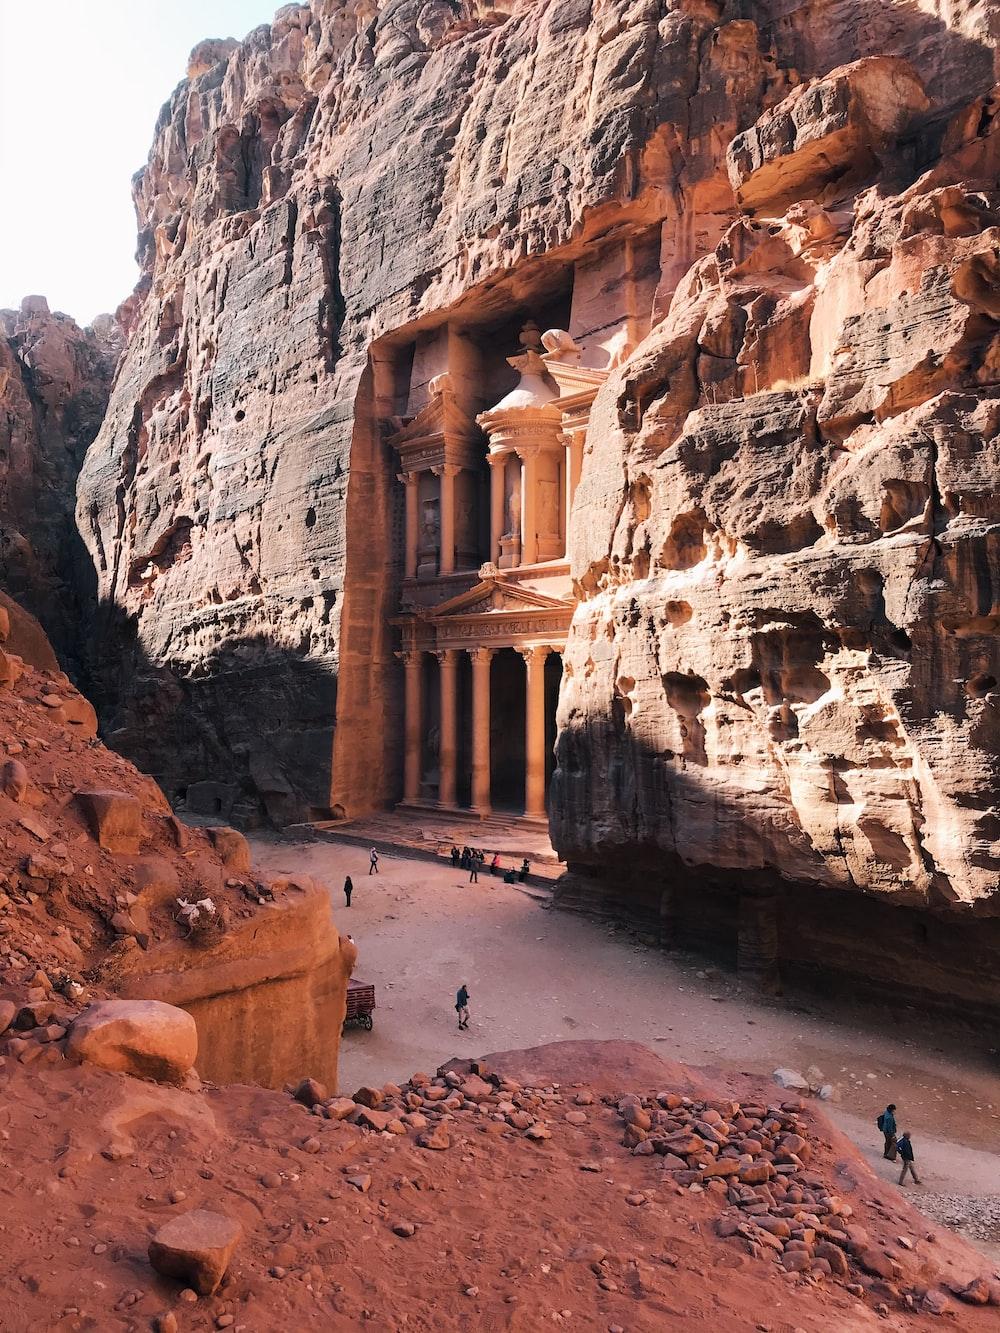 Petra during daytime